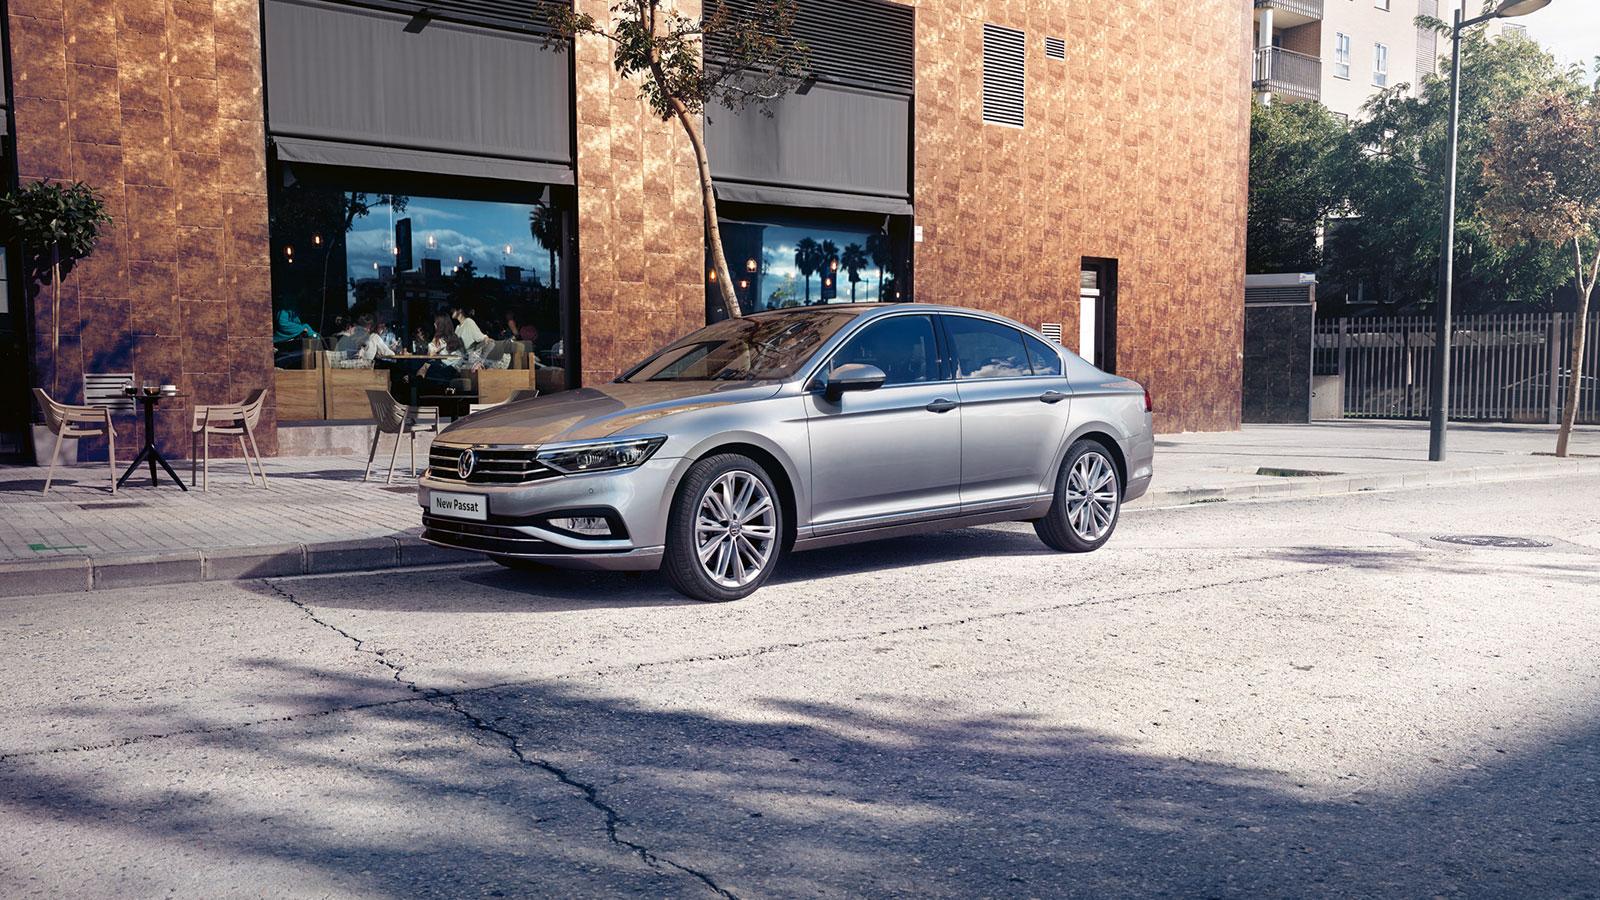 Parked Silver Volkswagen